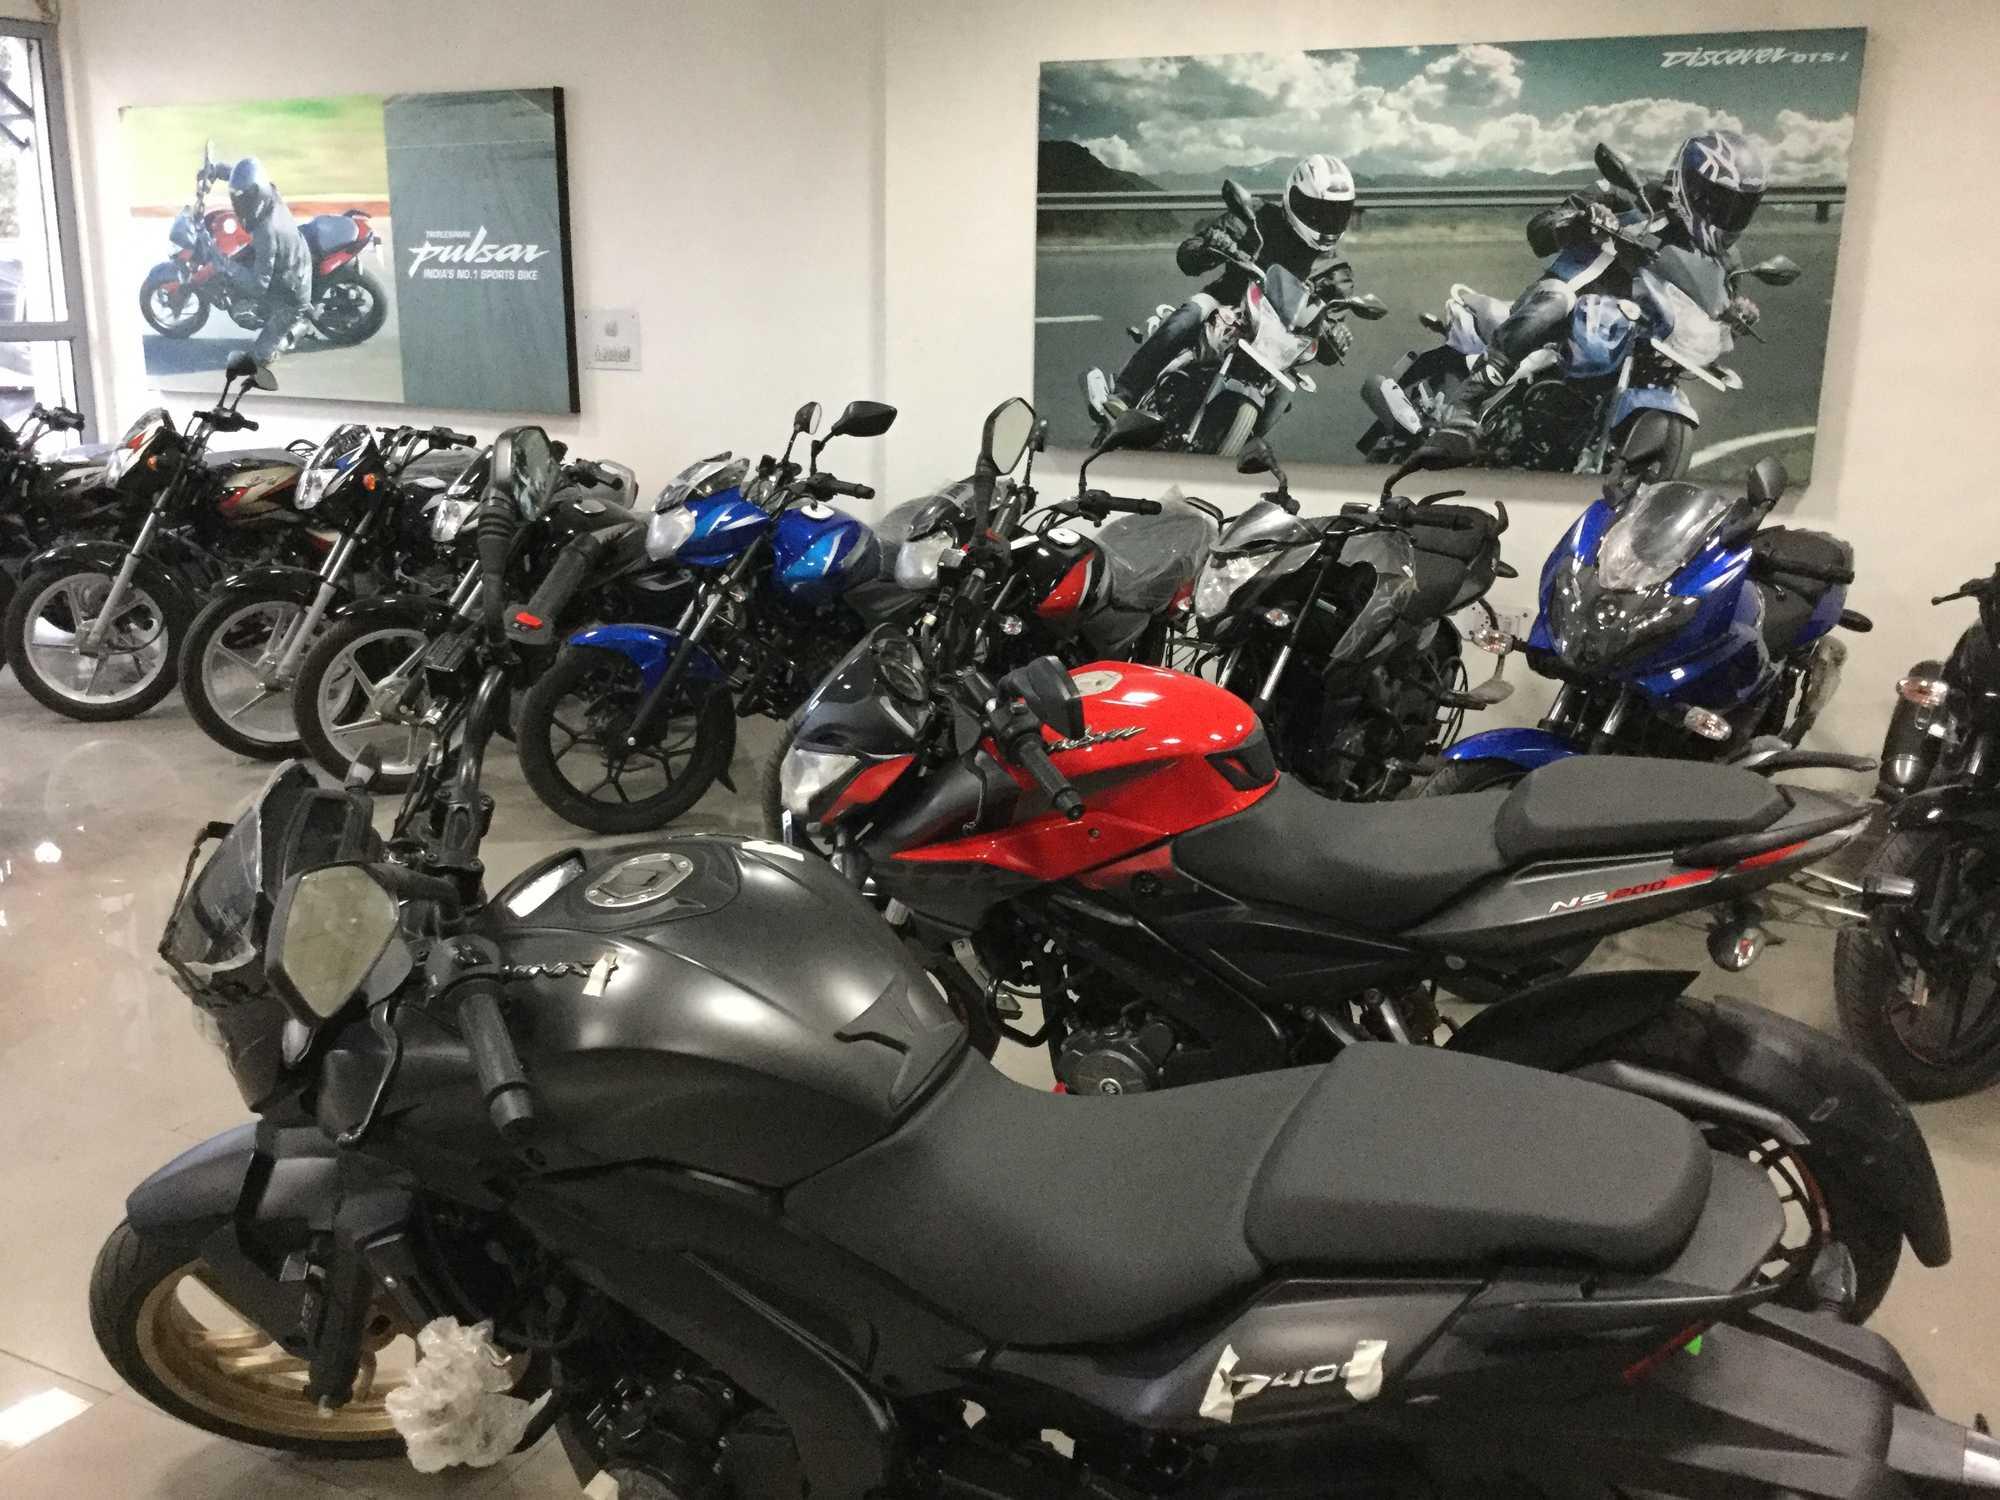 Top Yamaha Motorcycle Showrooms in Laxmi Nagar, Delhi